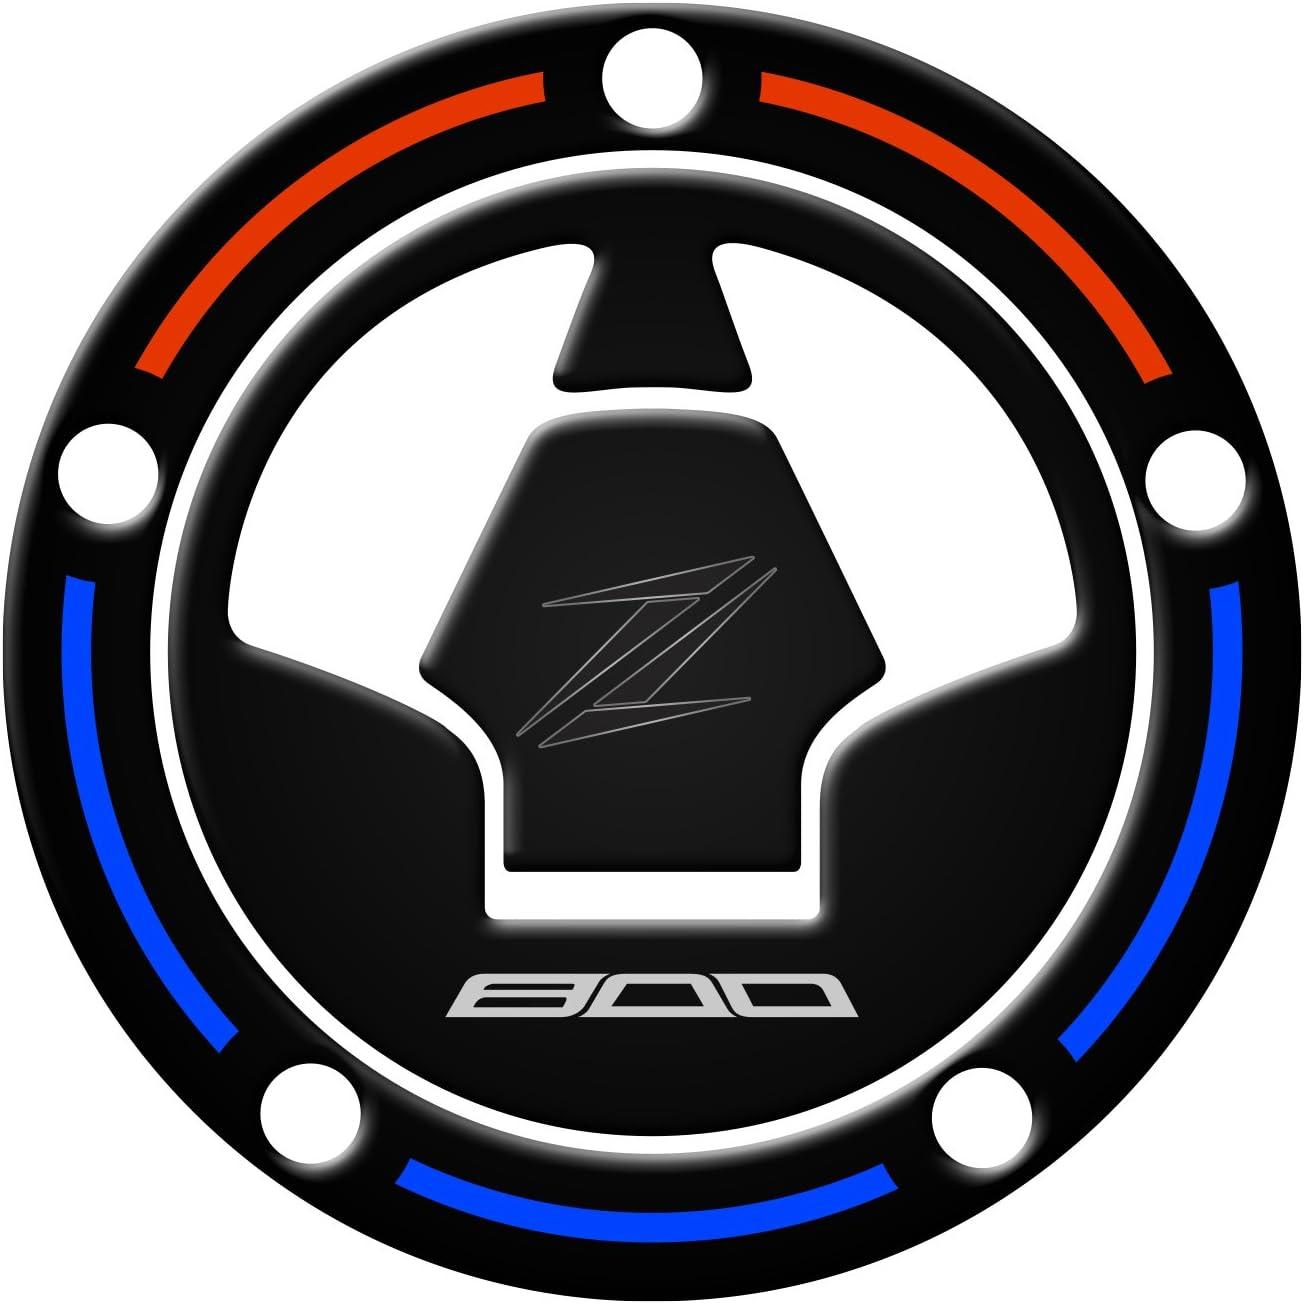 Blue FUEL CAP PROTECTOR PROTEZIONE TAPPO BENZINA RESINATO 3D per moto KAWASAKI Z800 PRE-081